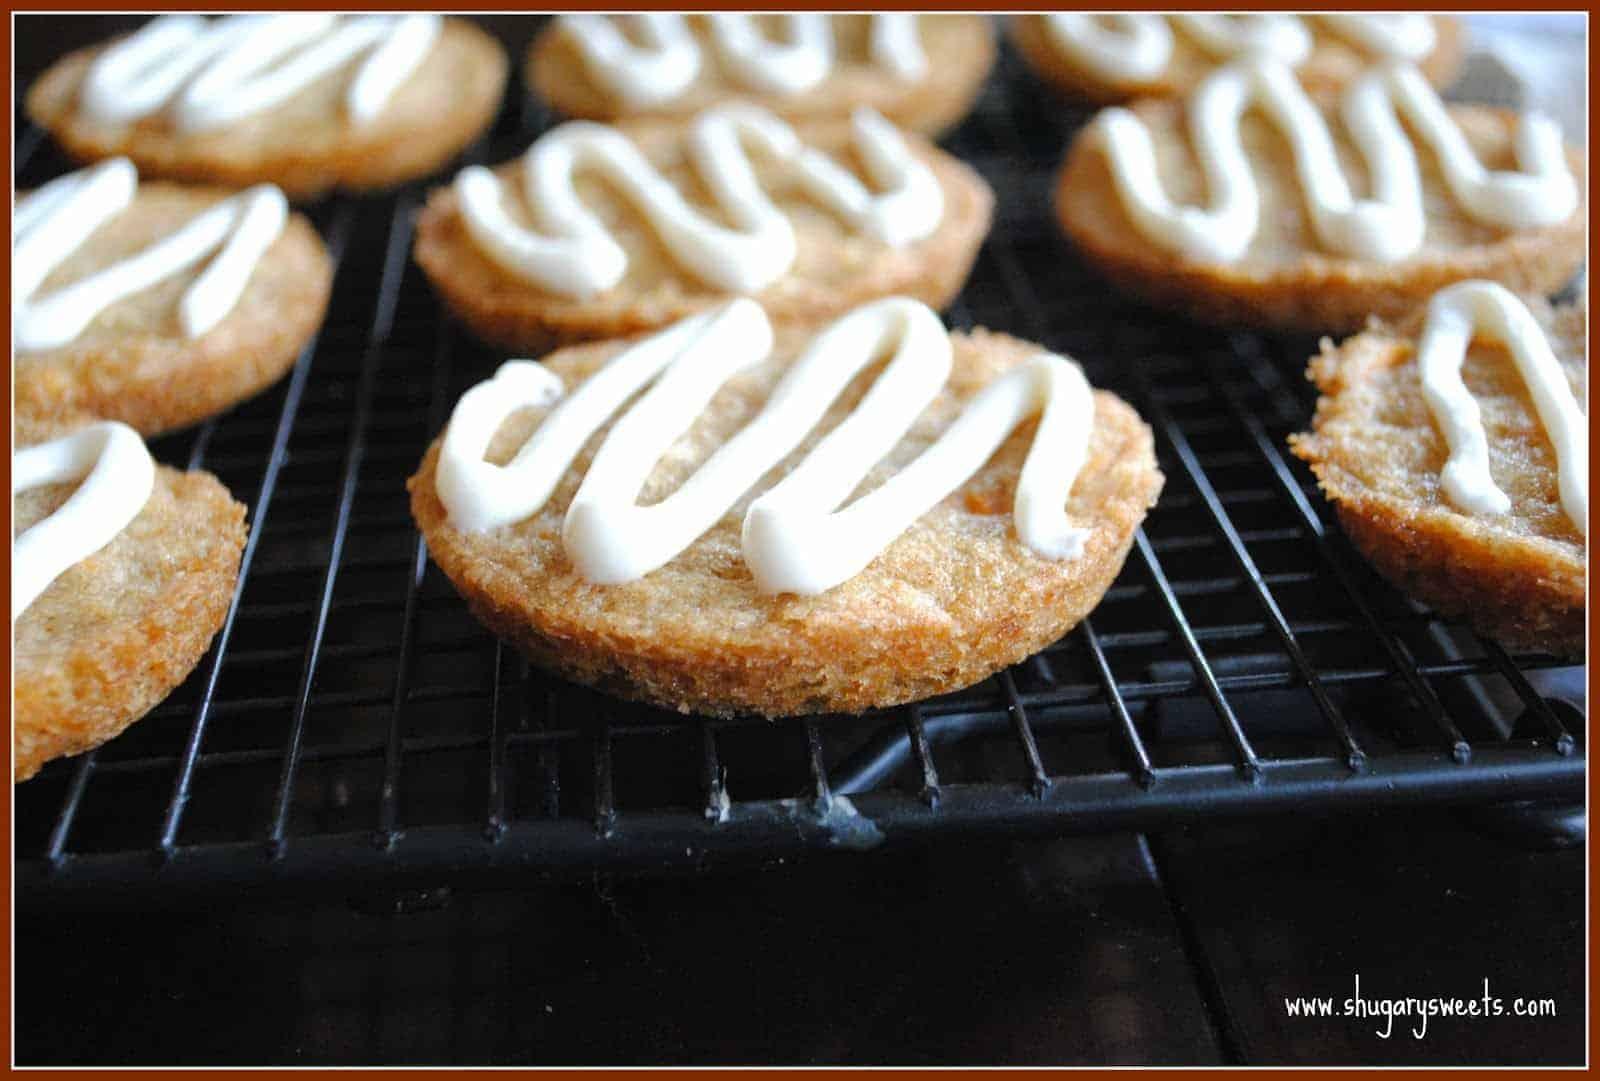 Muffin Break Carrot Cake Recipe